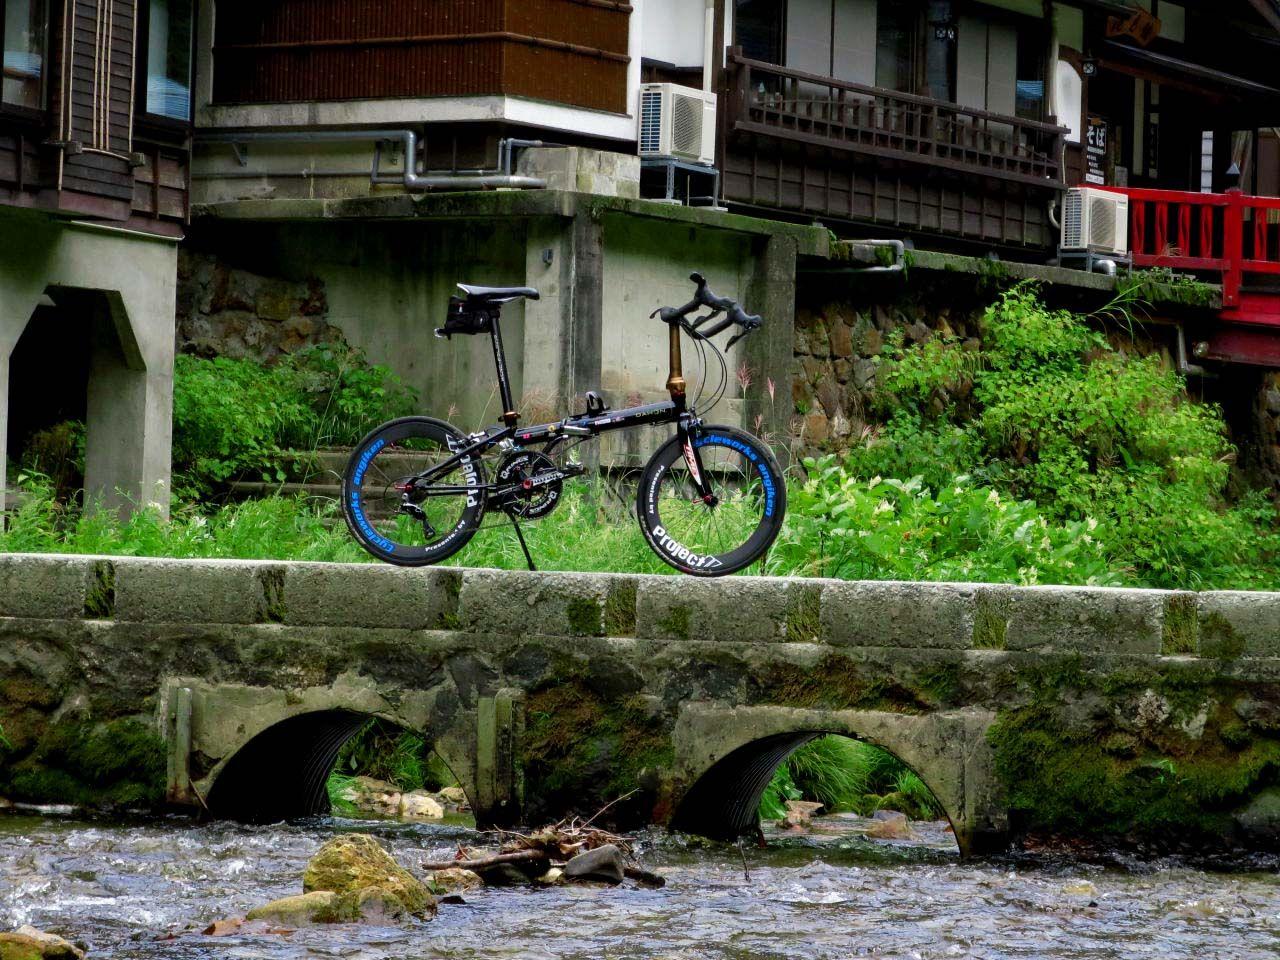 Copyright © yosiko2 様 / SPEED P22 / 今日は尾花沢の現場が中止になったので銀山温泉へポタしてきました。